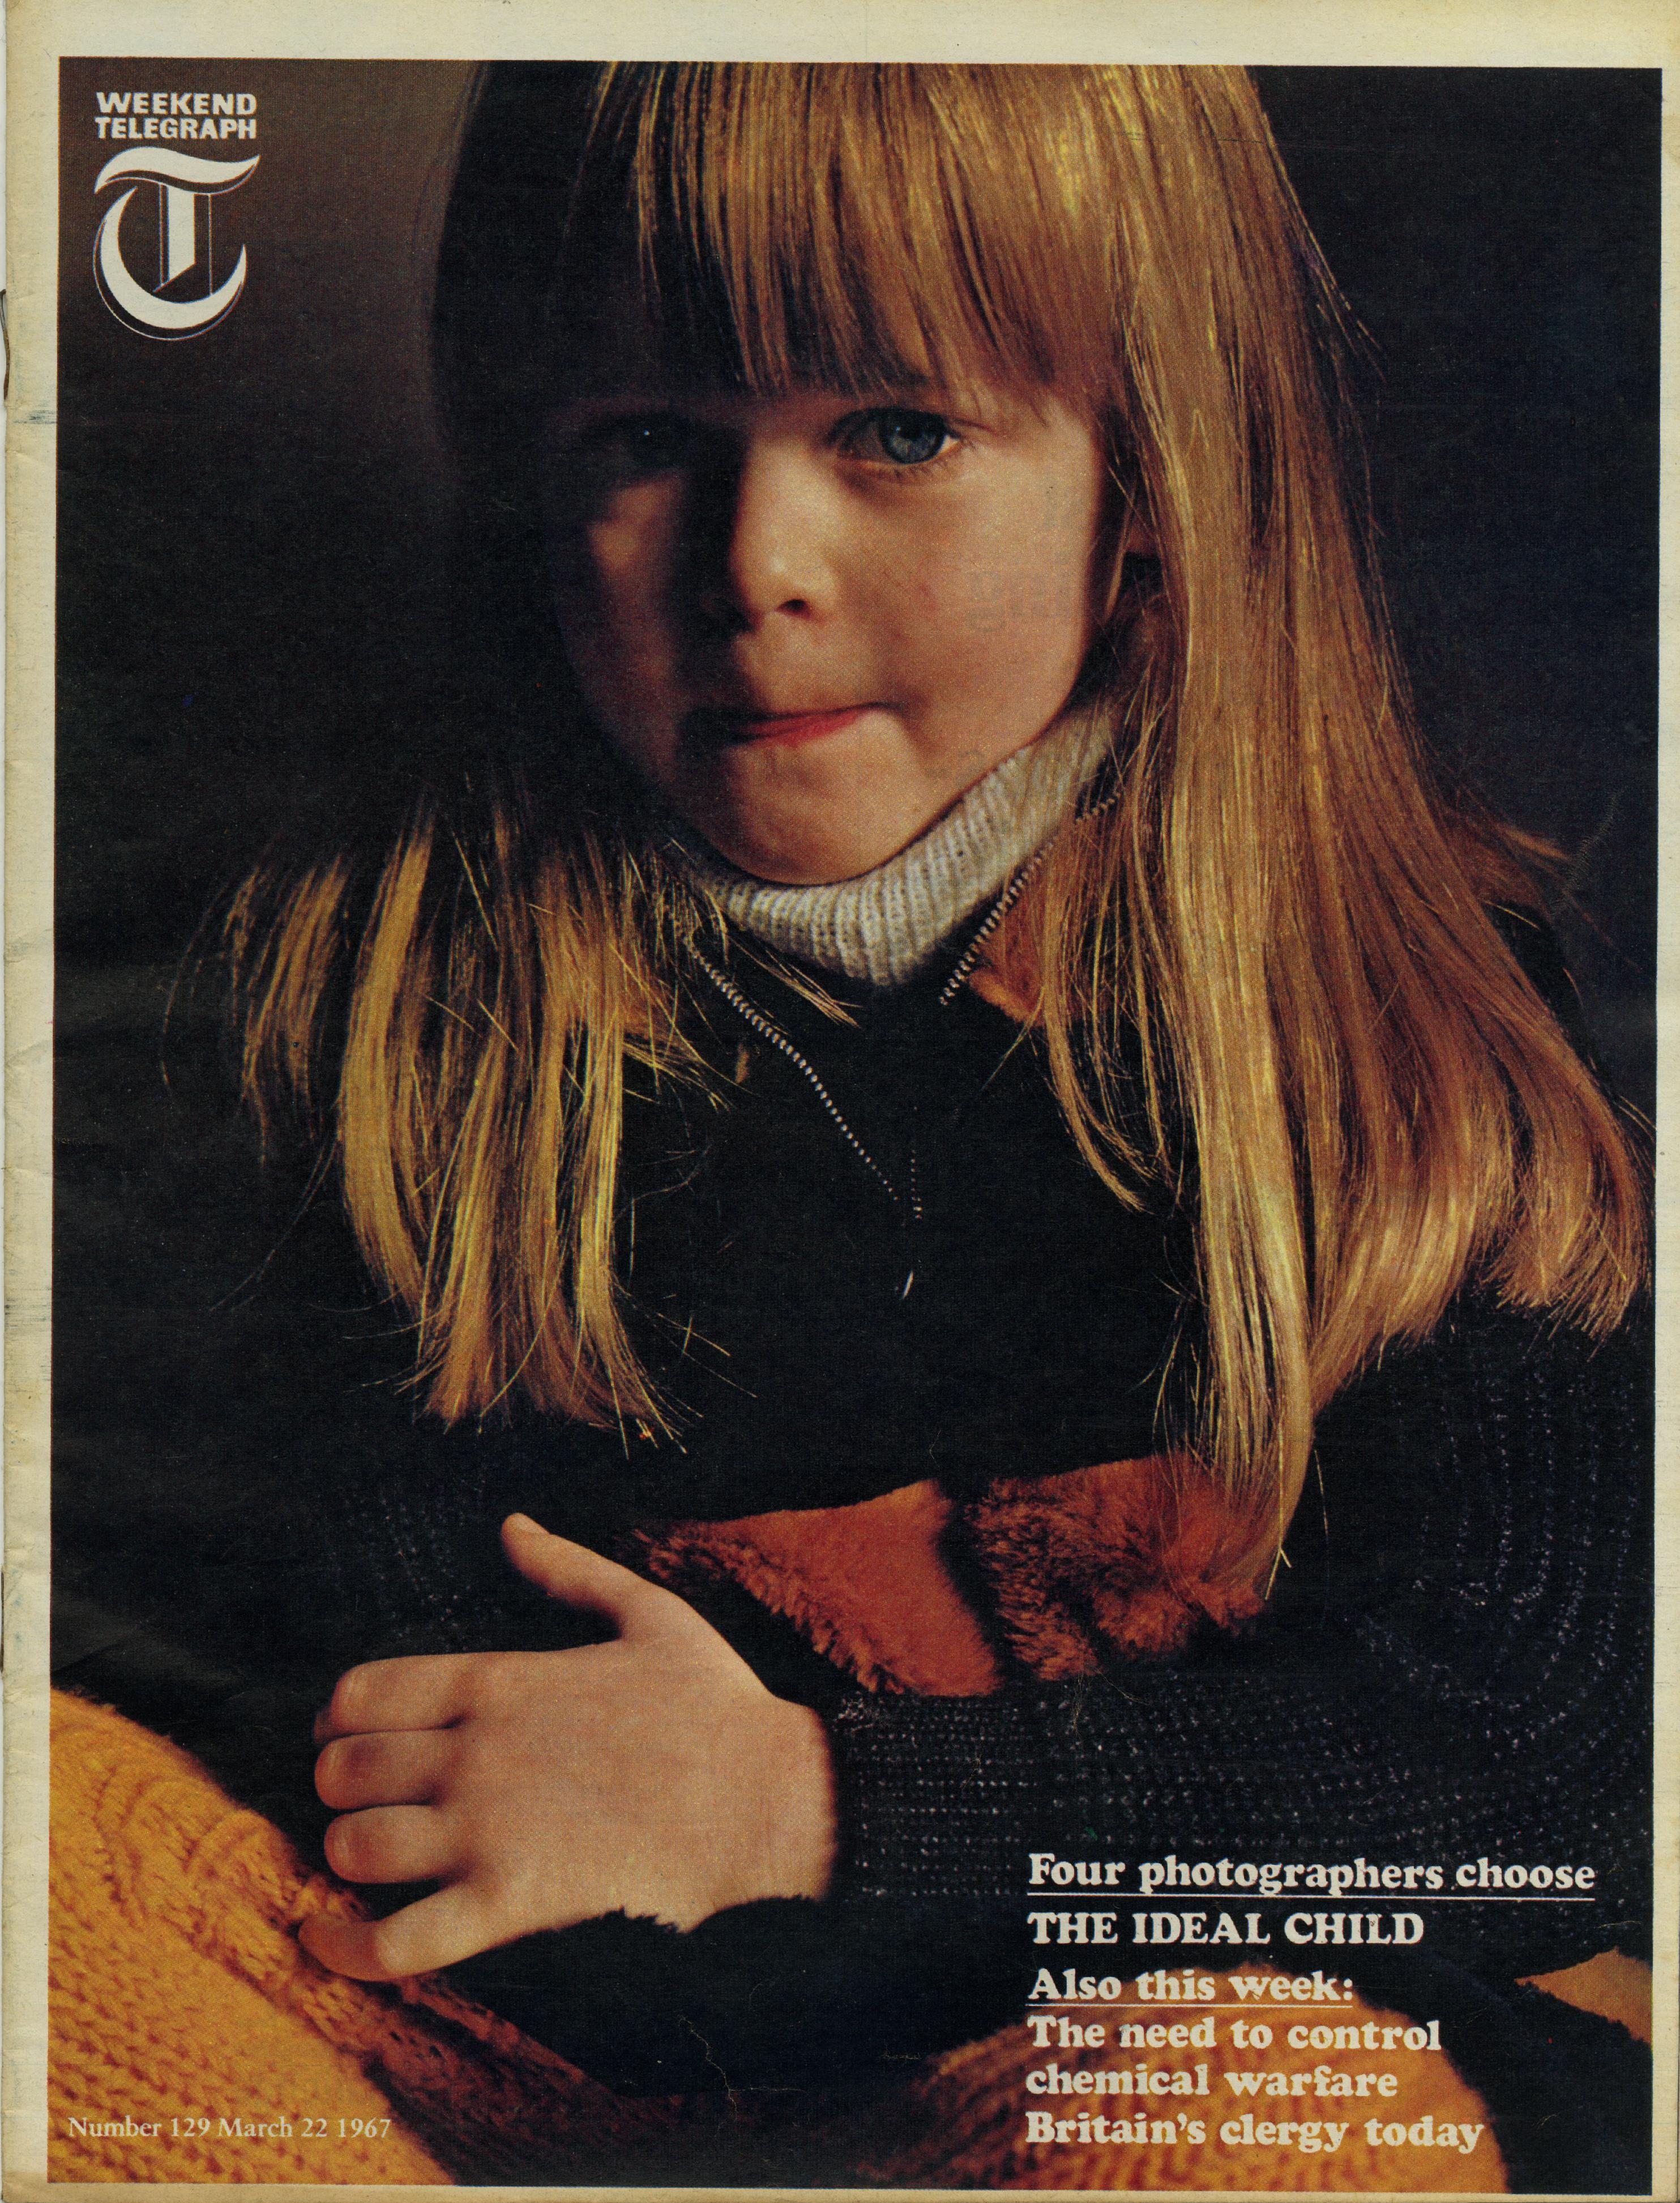 Robert Freson, Weekend Telegraph Cover 'Blond Girl'-01